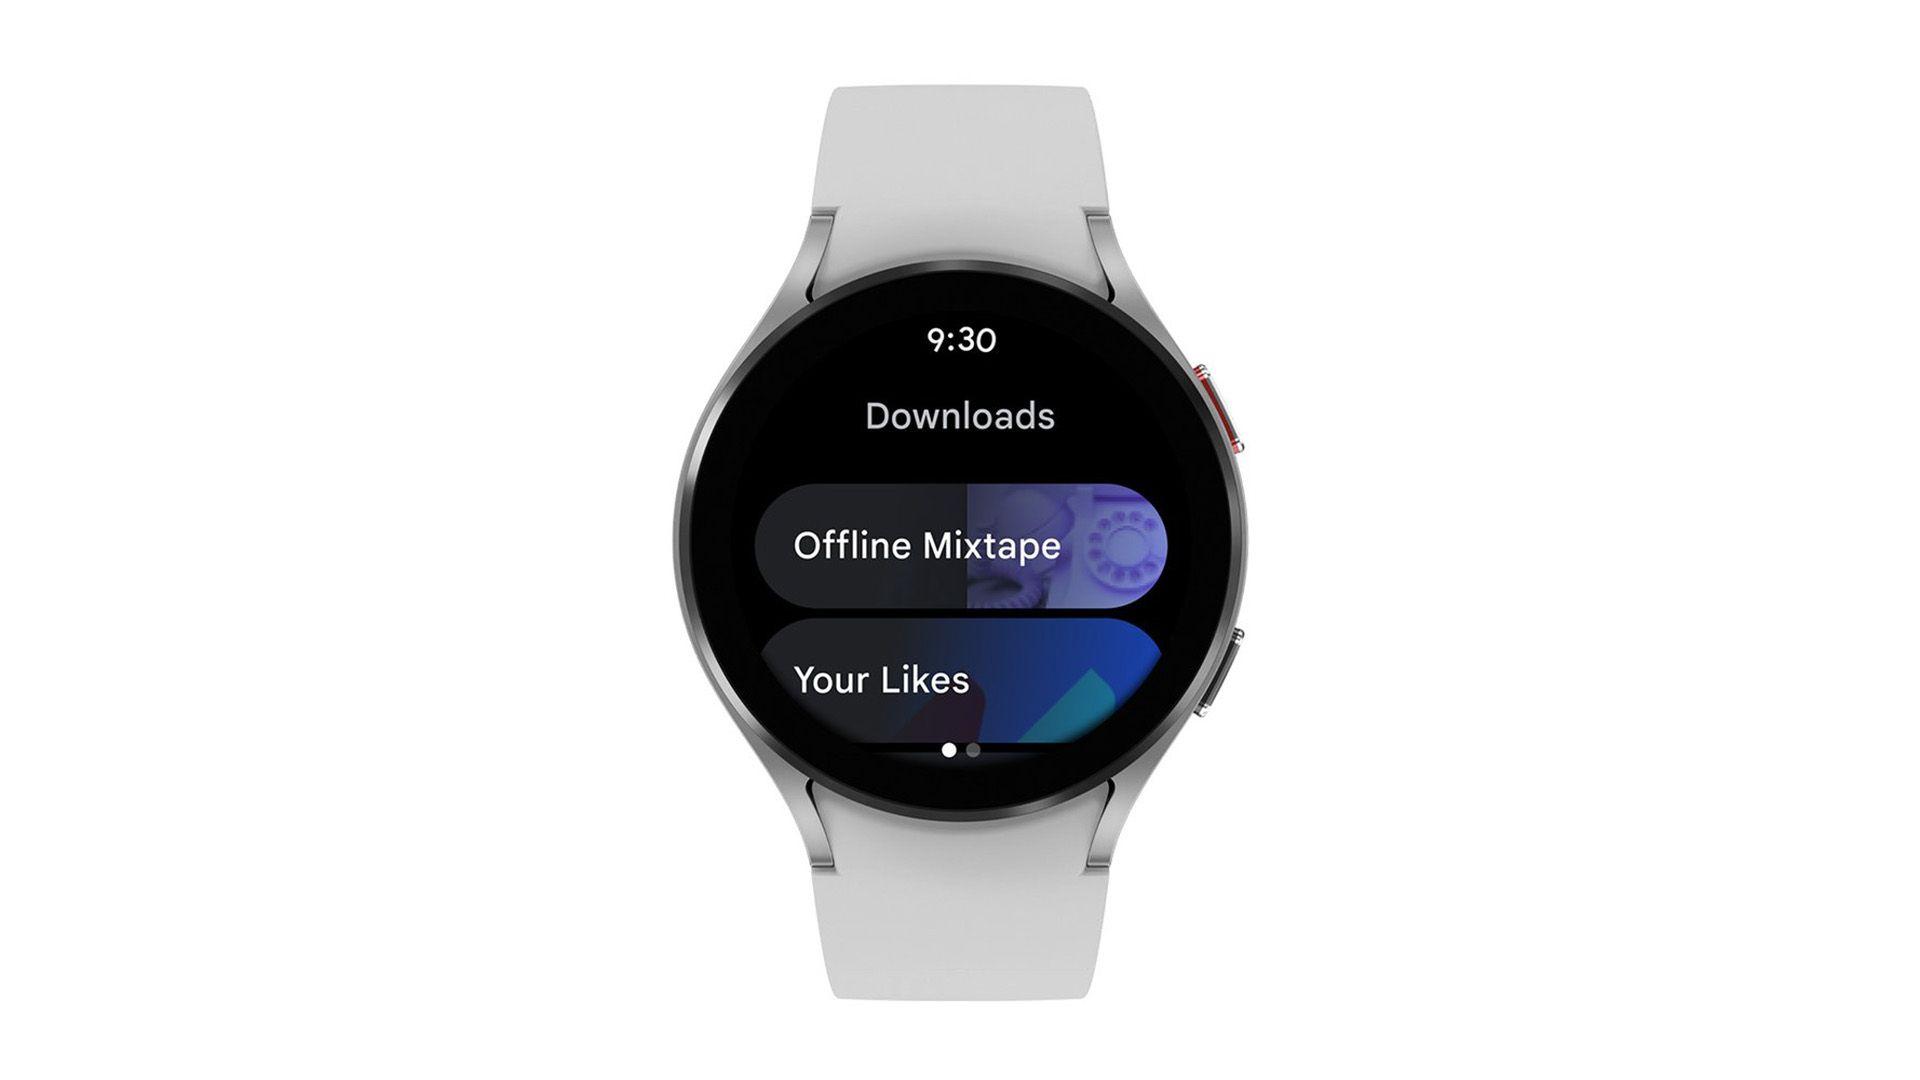 YouTube Music app open on Wear OS device